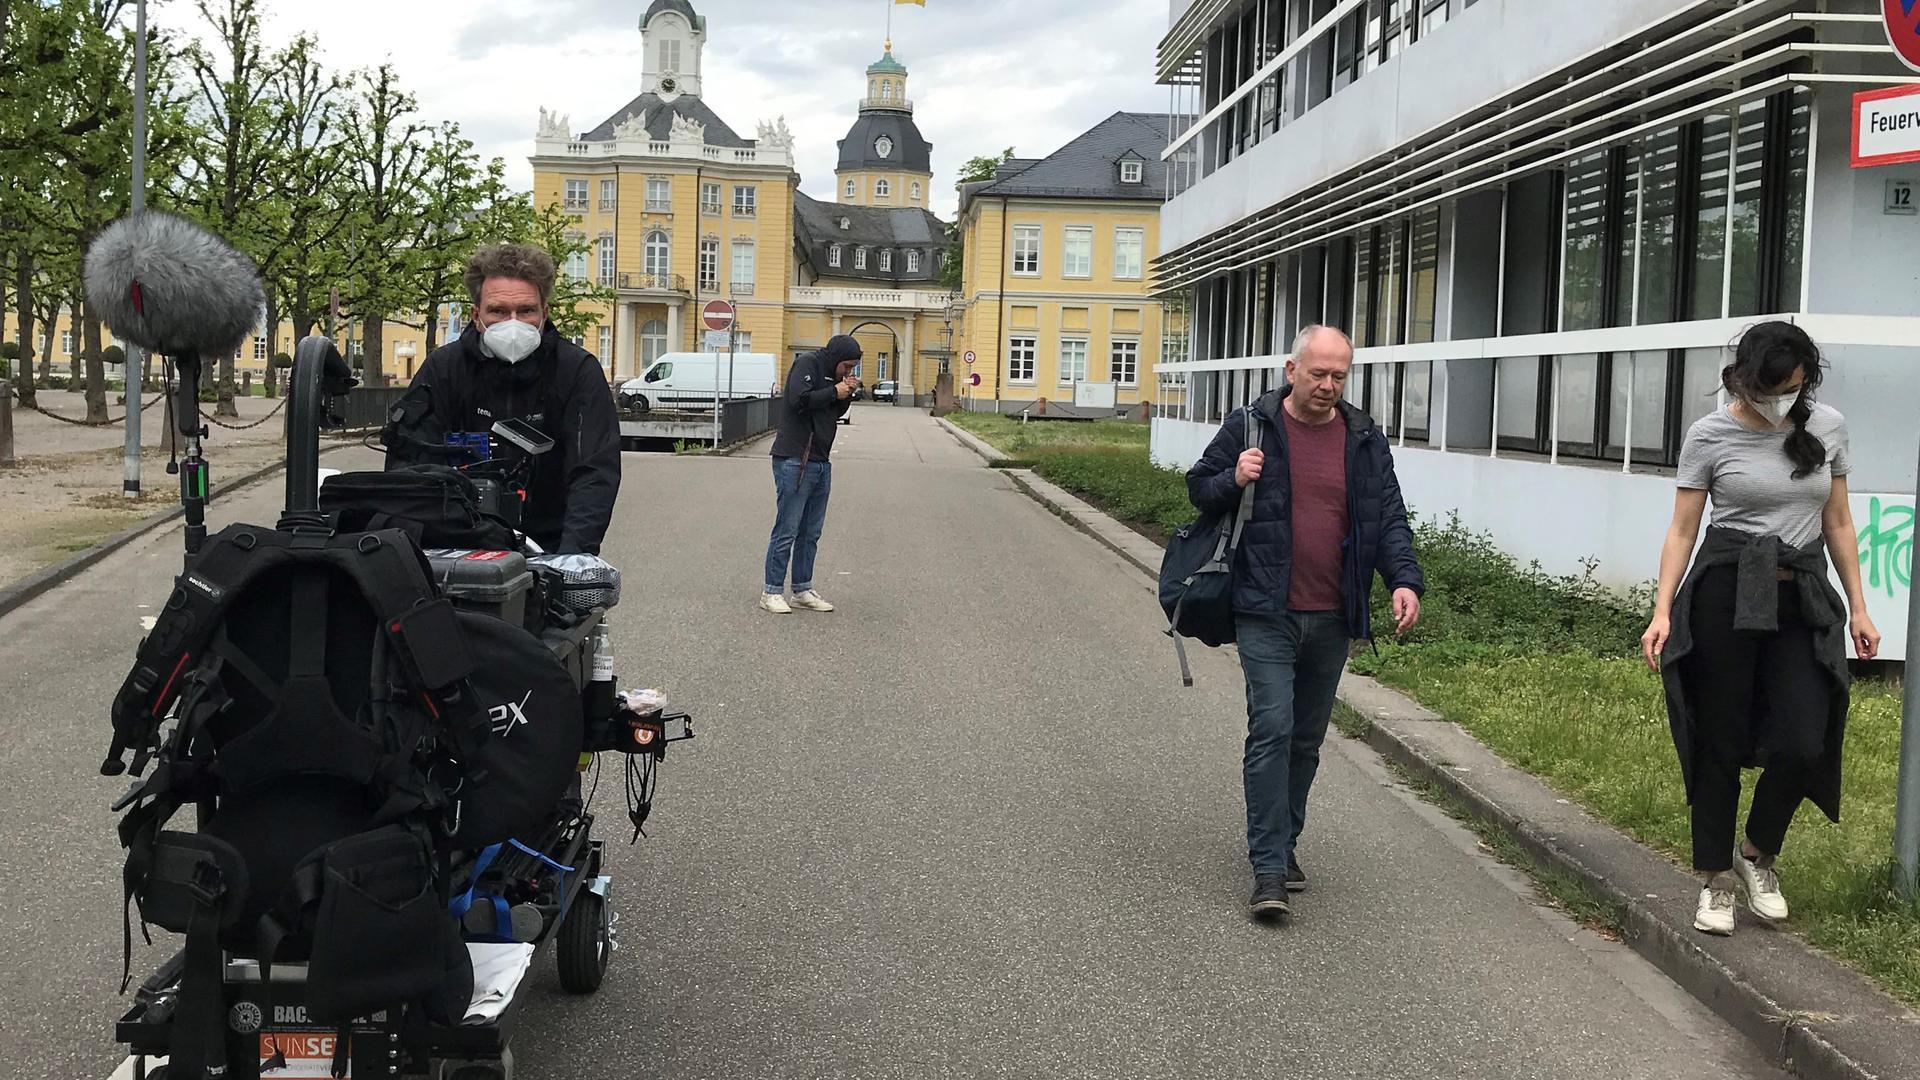 Quer durch die Innenstadt: Das Filmteam ist auf der Suche nach einem Straßenschild von der Waldhornstraße ohne Baustelle im Hintergrund.